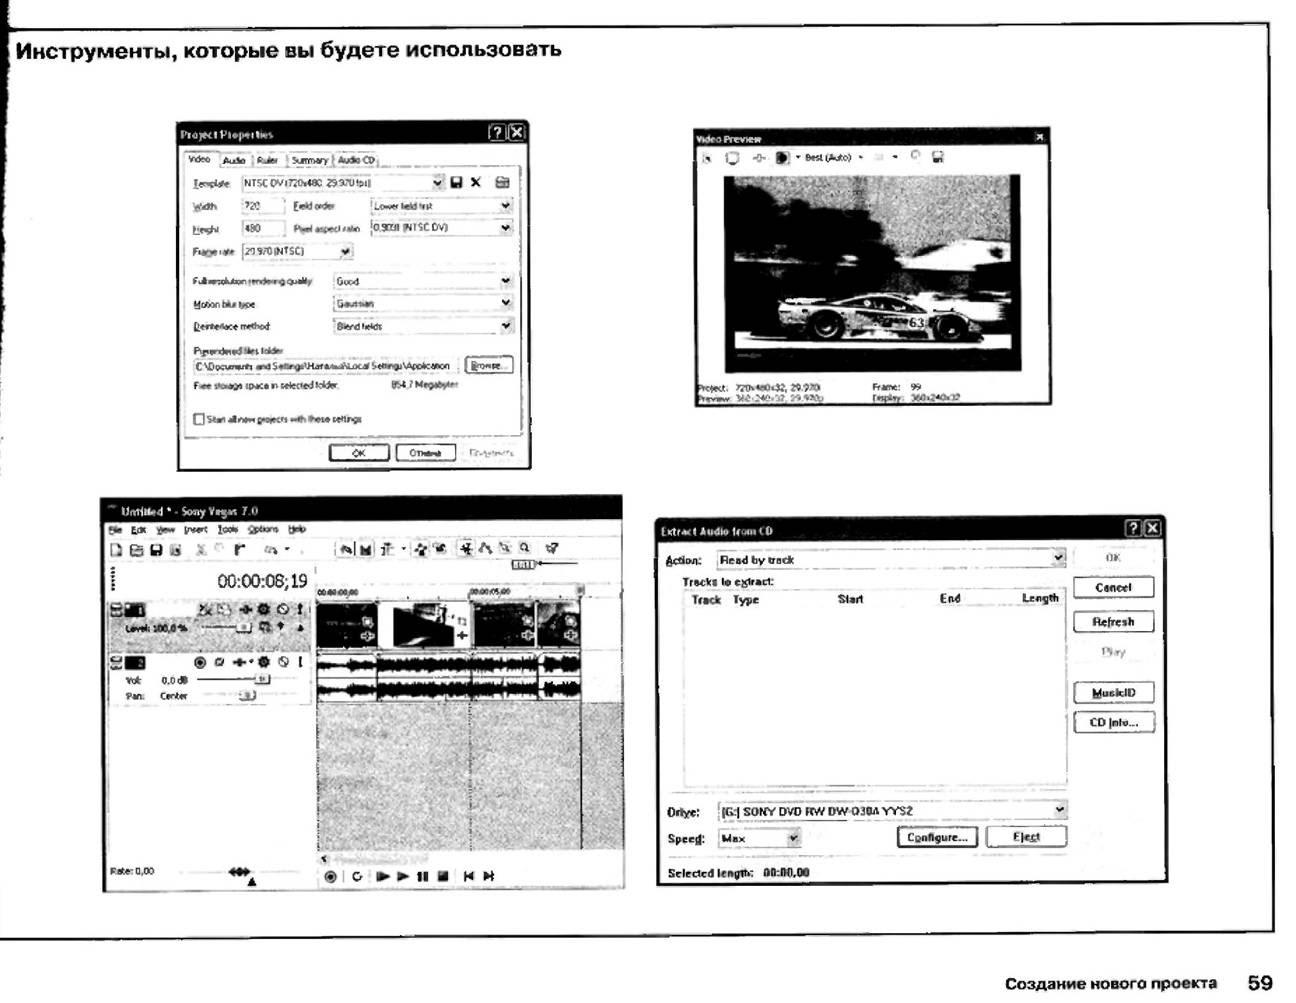 http://redaktori-uroki.3dn.ru/_ph/12/67524126.jpg